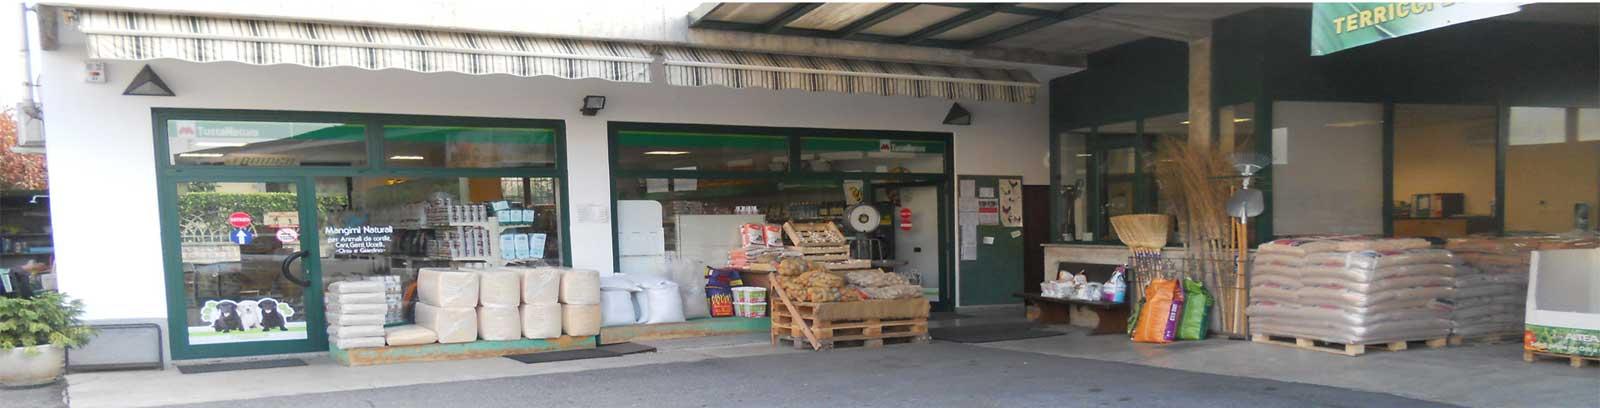 Cereali Alberio vendita prodotti per animali e per